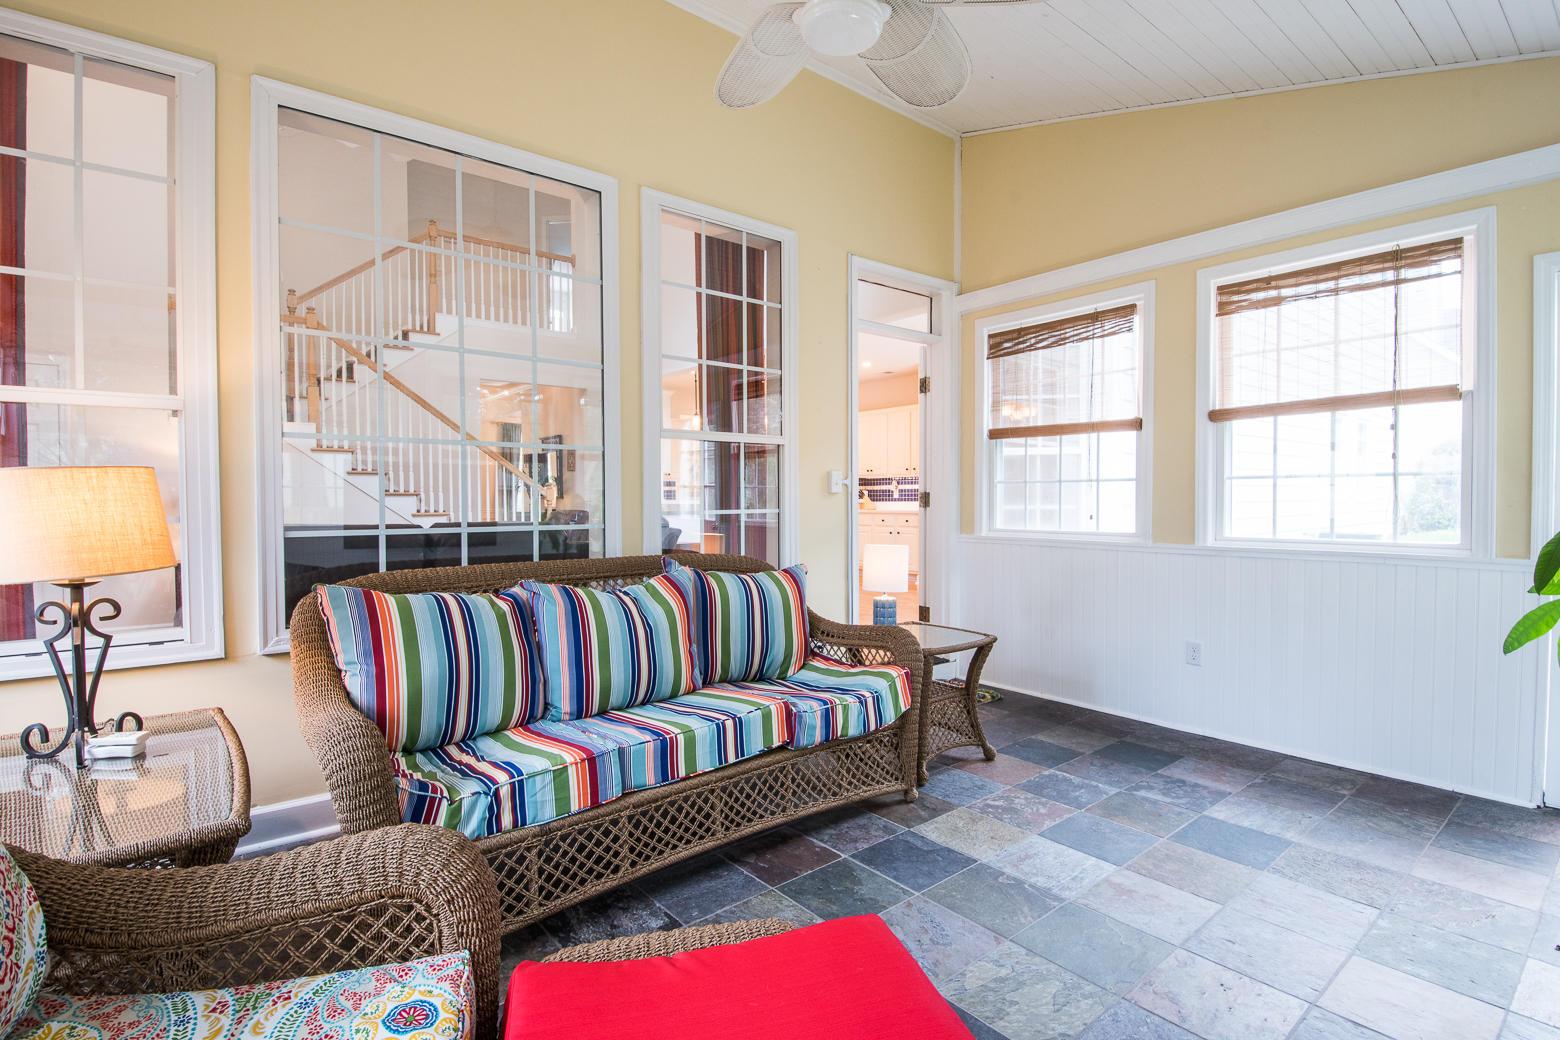 Dunes West Homes For Sale - 1111 Black Rush, Mount Pleasant, SC - 4